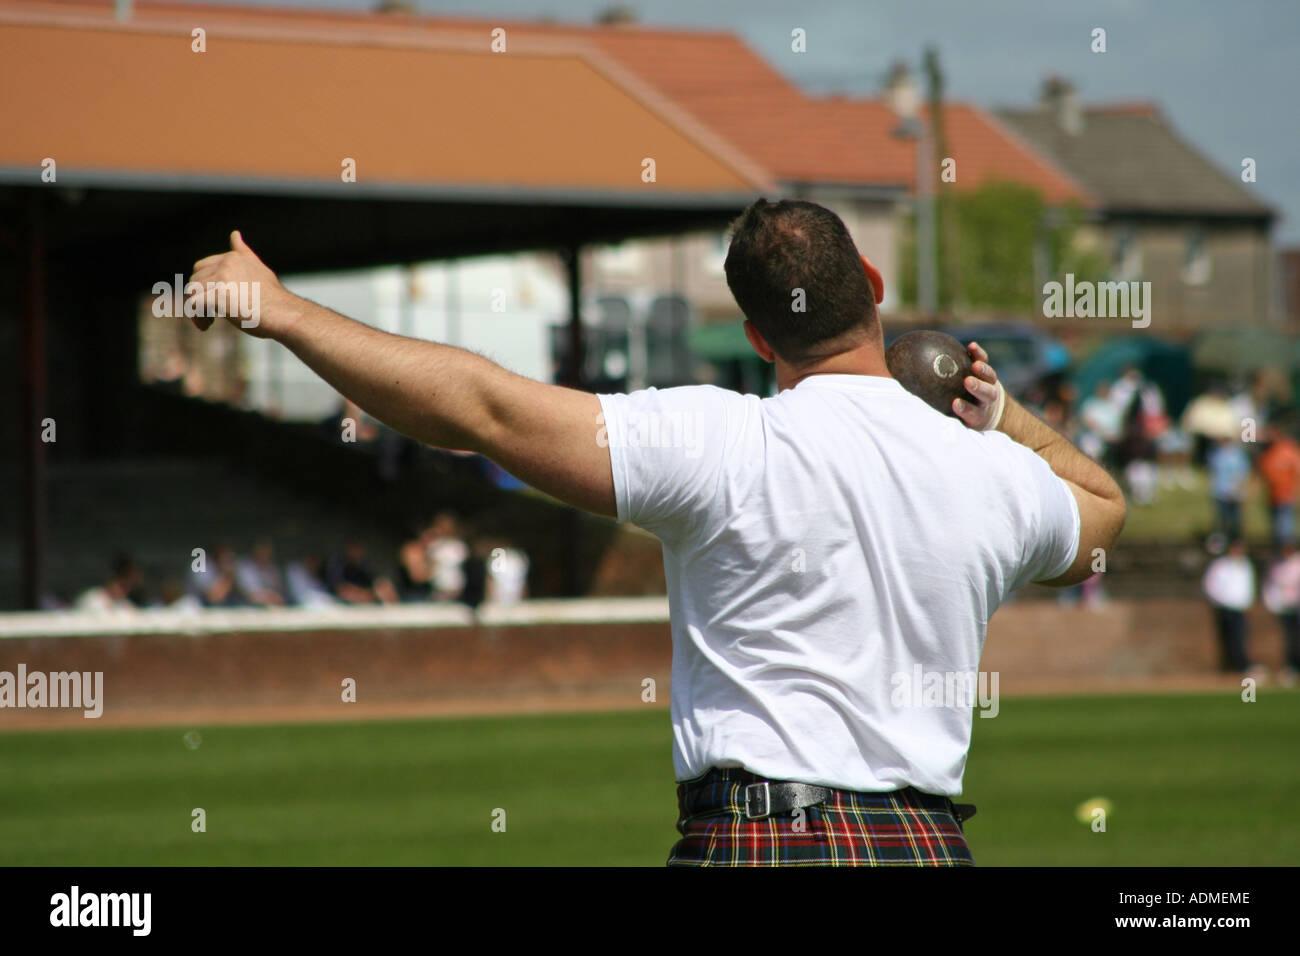 Putting the shot Shotts Highland Games Scotland UK - Stock Image